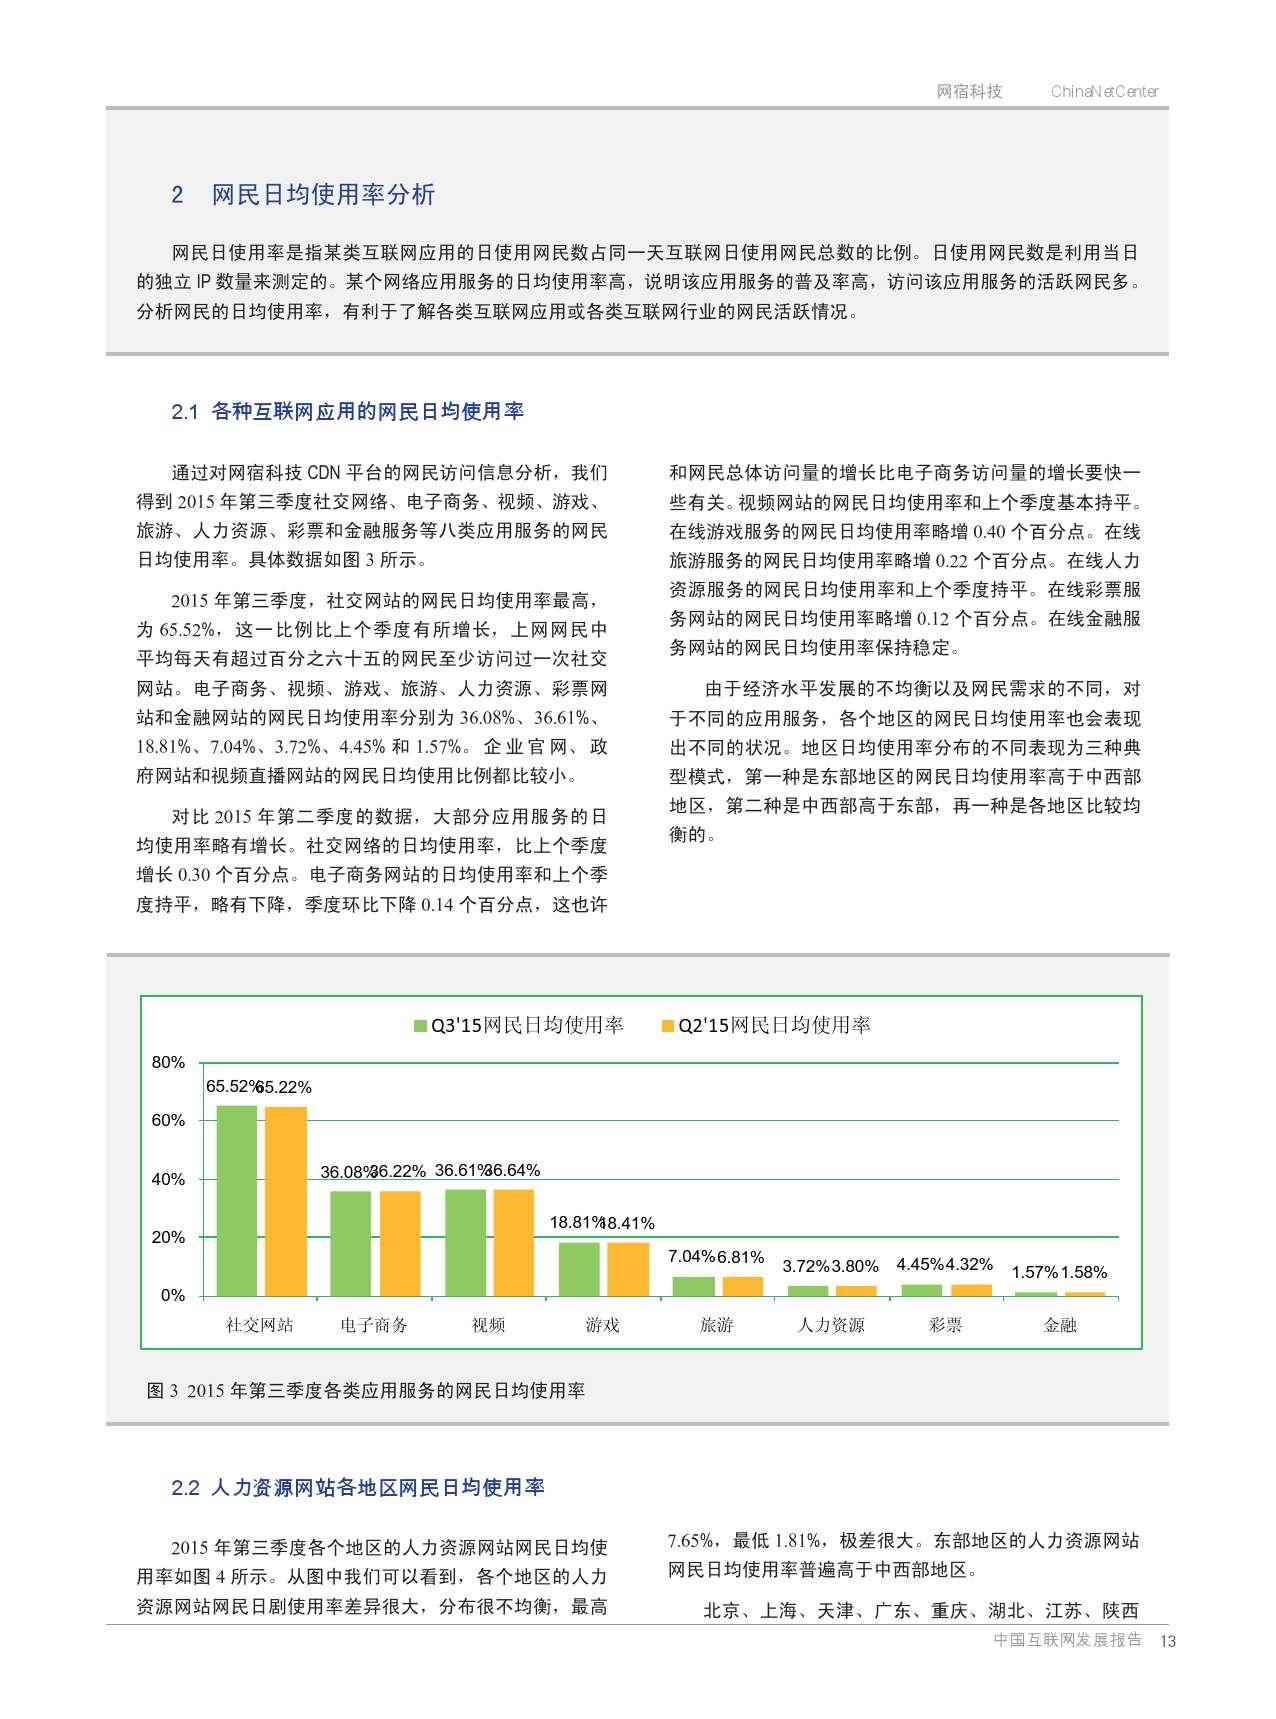 网宿:2015年Q3互联网报告_000012